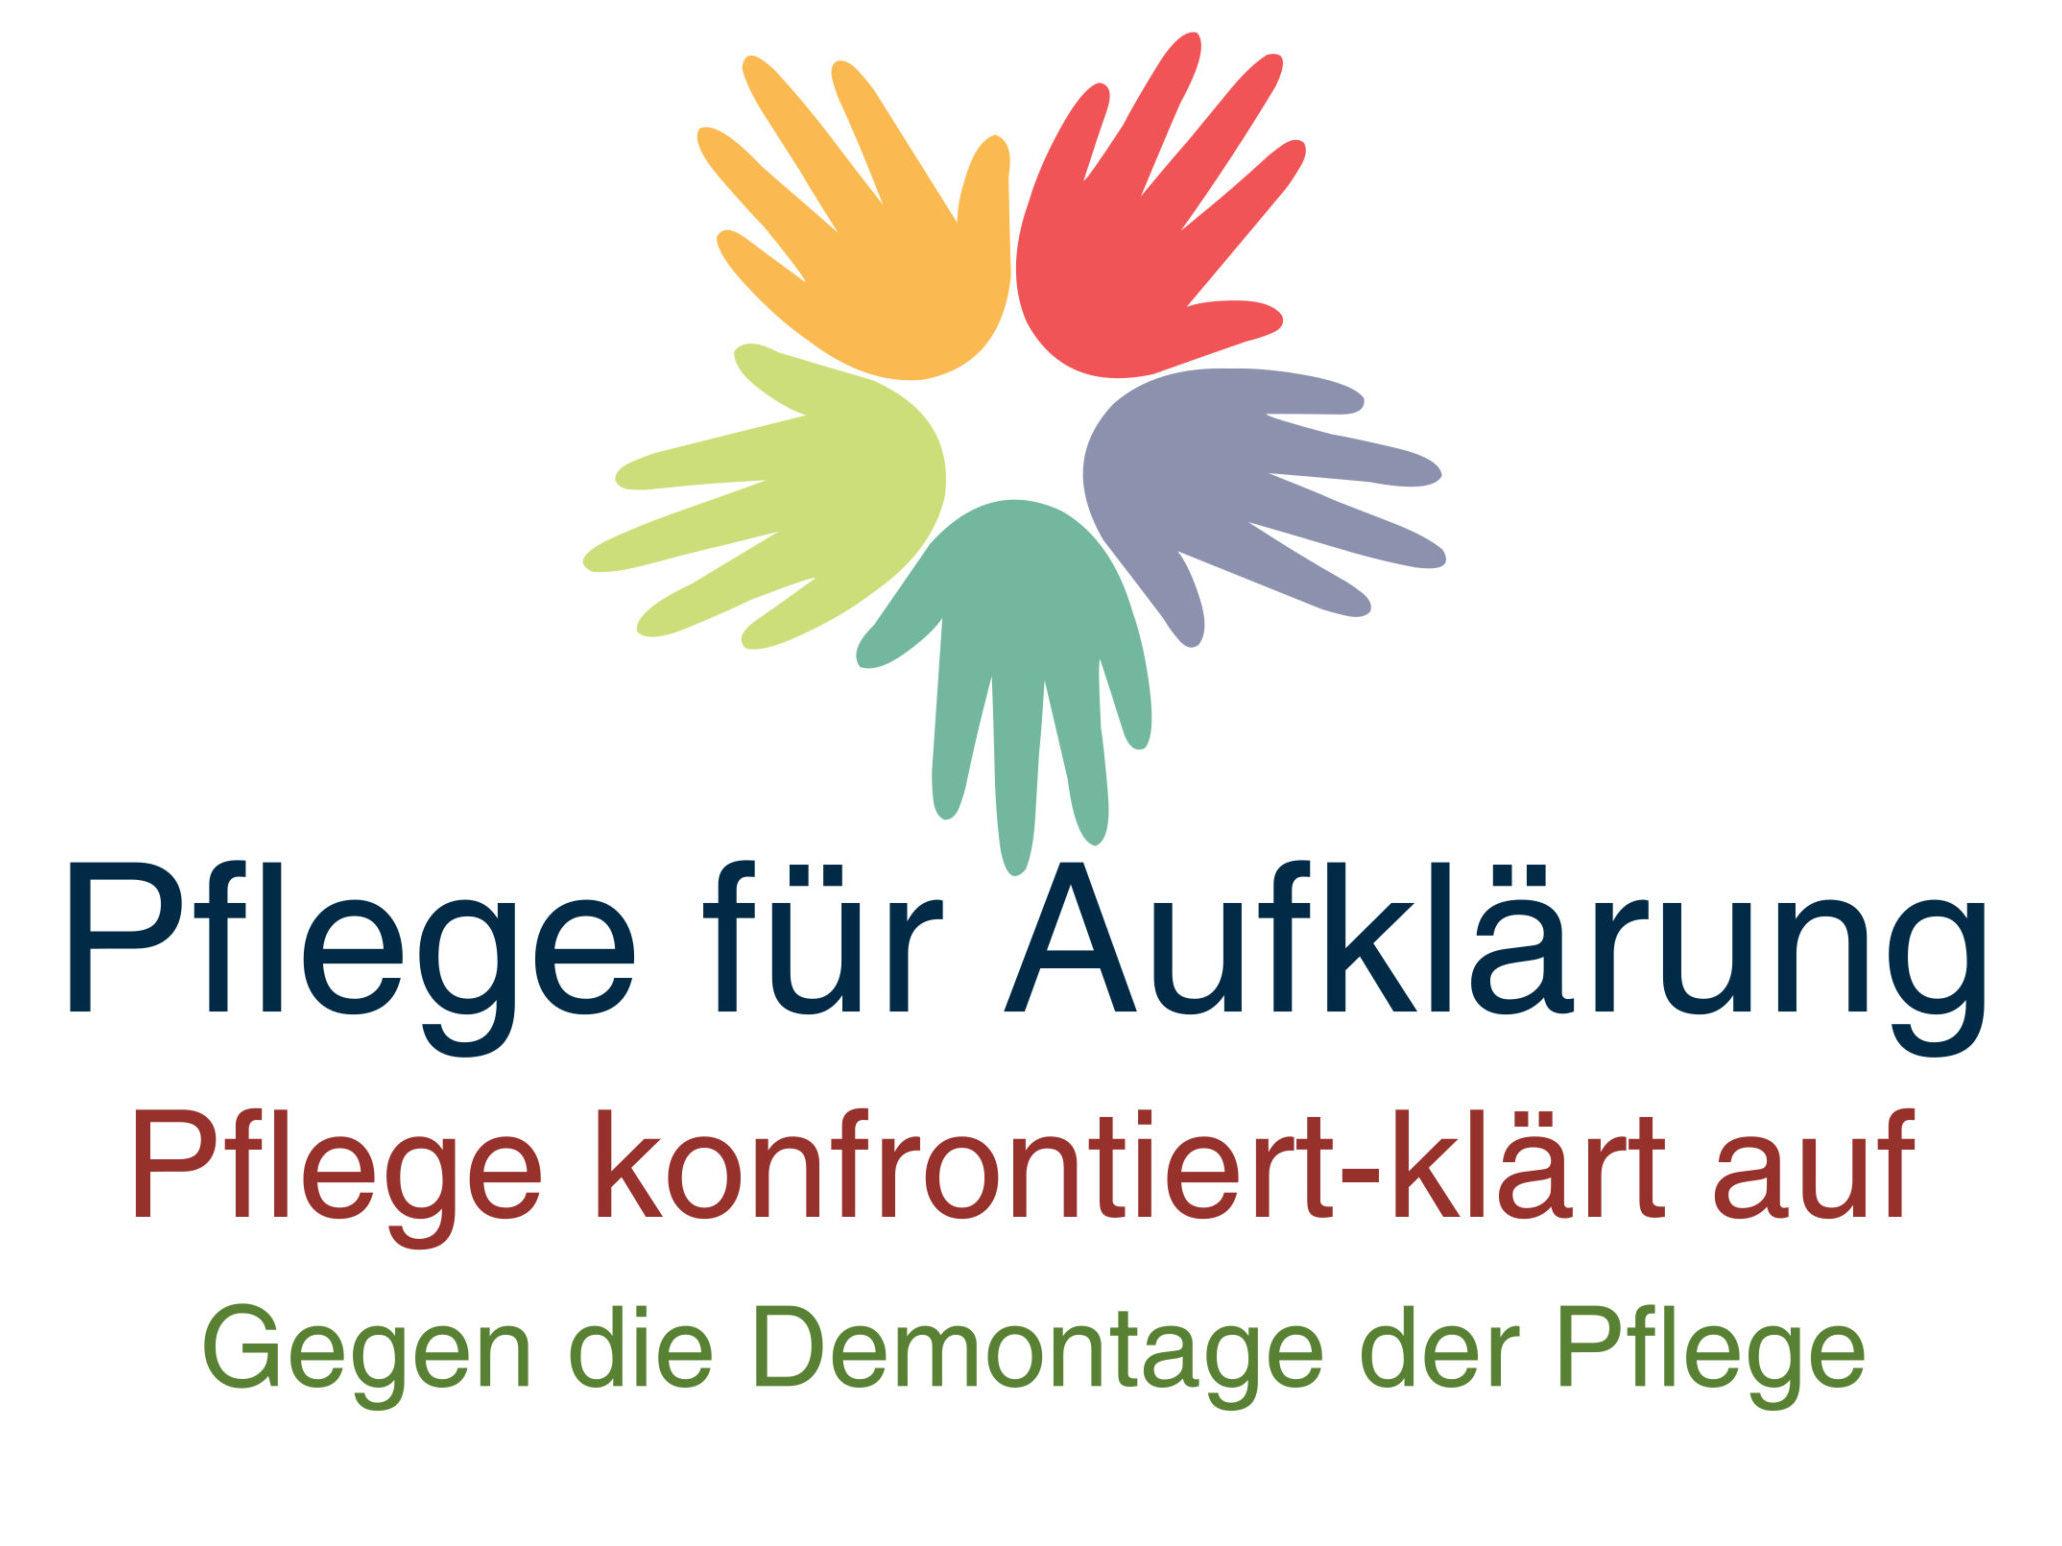 Pflegefueraufklaerung.de